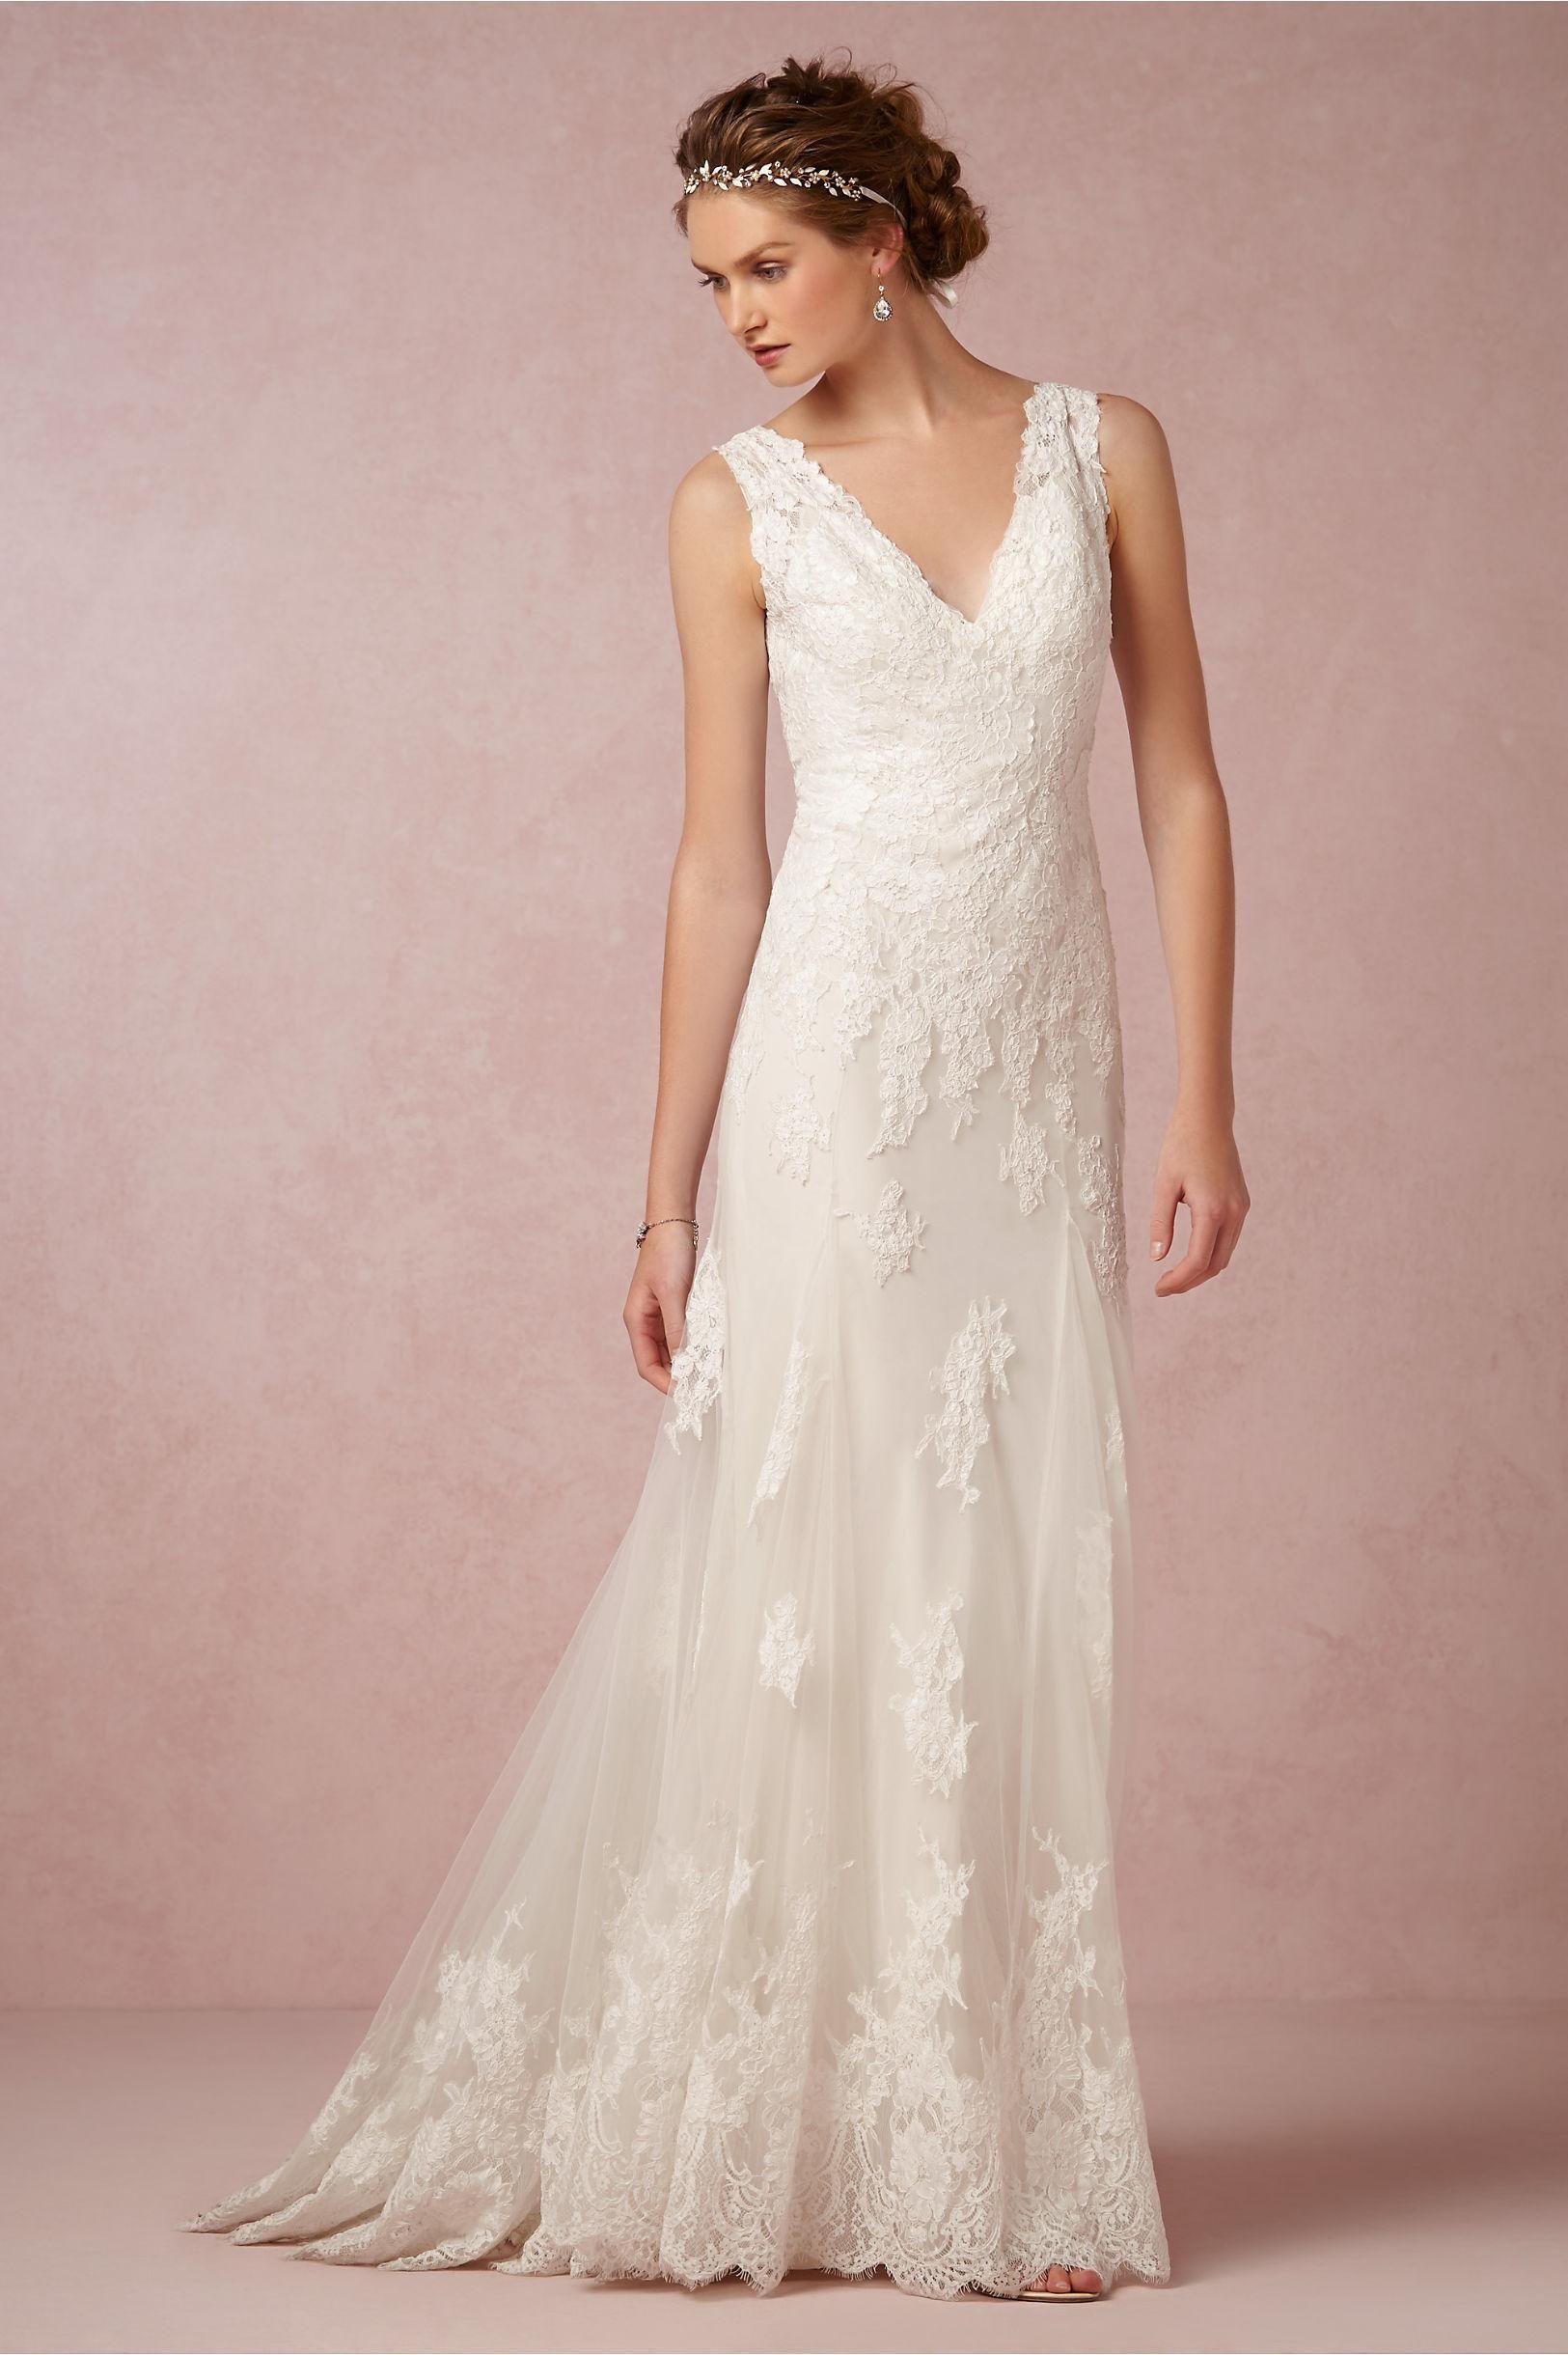 Celebrity Wedding Dresses Illusion Back Beautiful Lace Wedding ...